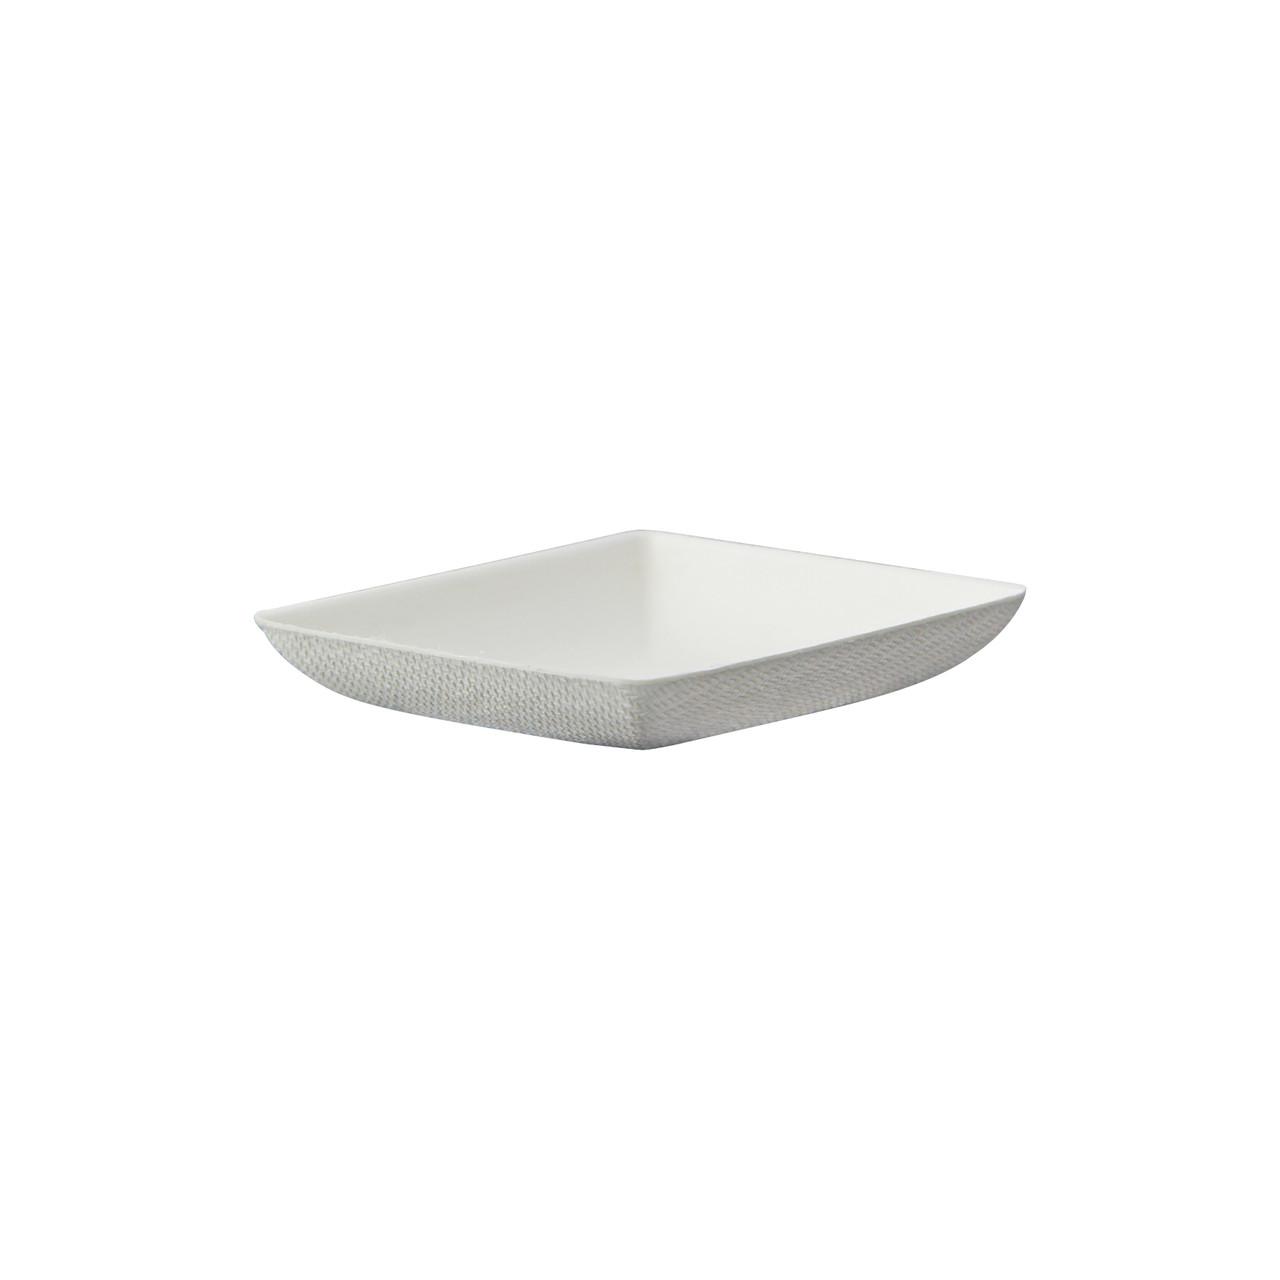 Bionchic Mini White Sugarcane Plate - L:2.55 x W:2.55 x H:.45in